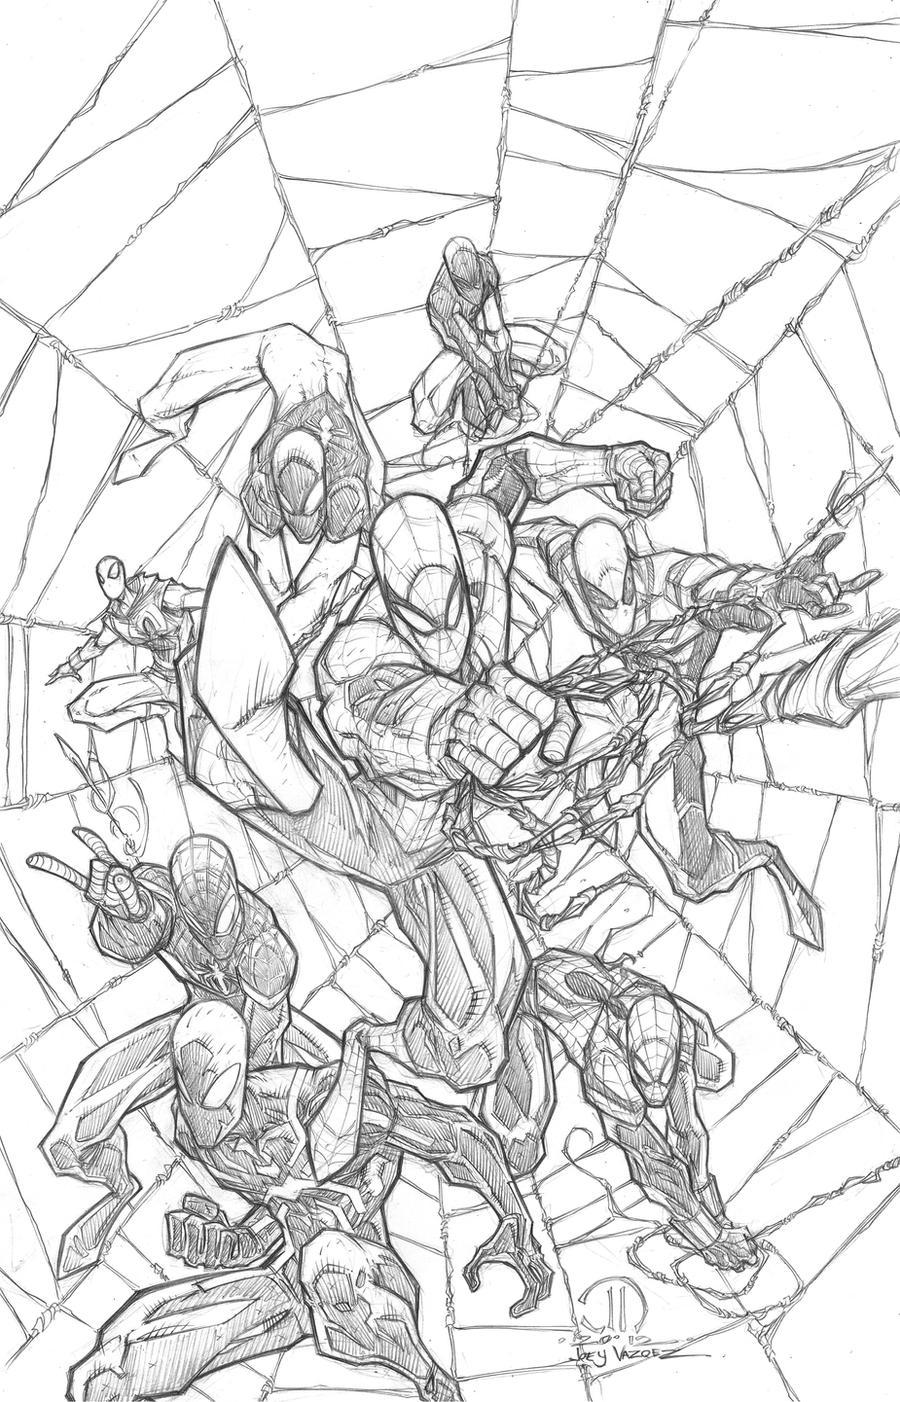 SPIDERMAN MONTAGE COMMISSION by JoeyVazquez on deviantART